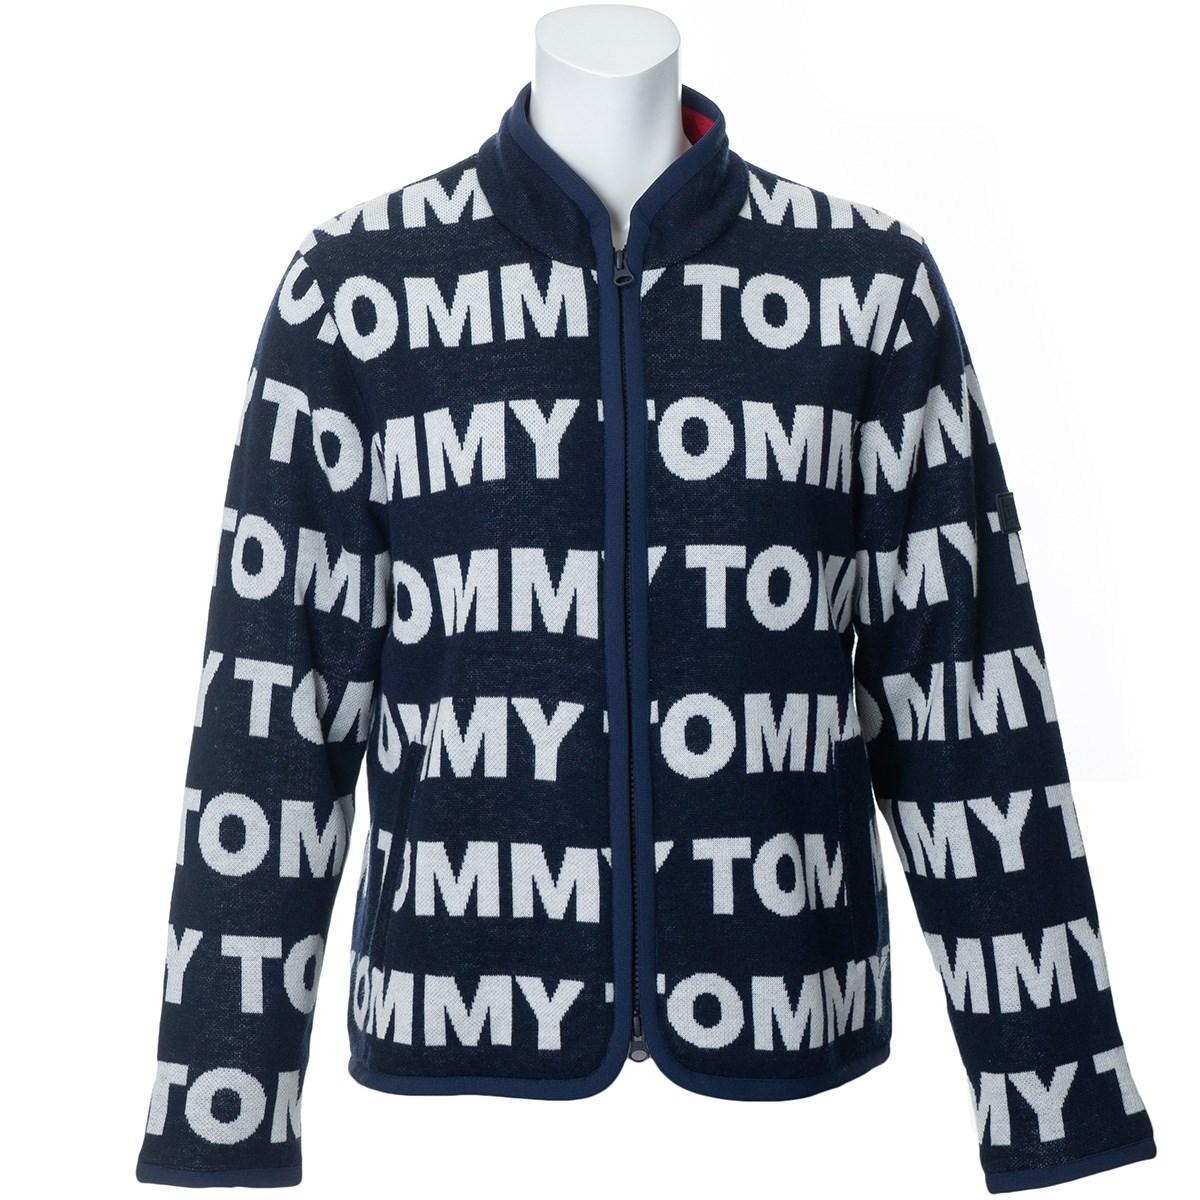 トミー ヒルフィガー ゴルフ TOMMY HILFIGER GOLF ロゴ ジップアップセーター S ネイビー レディス